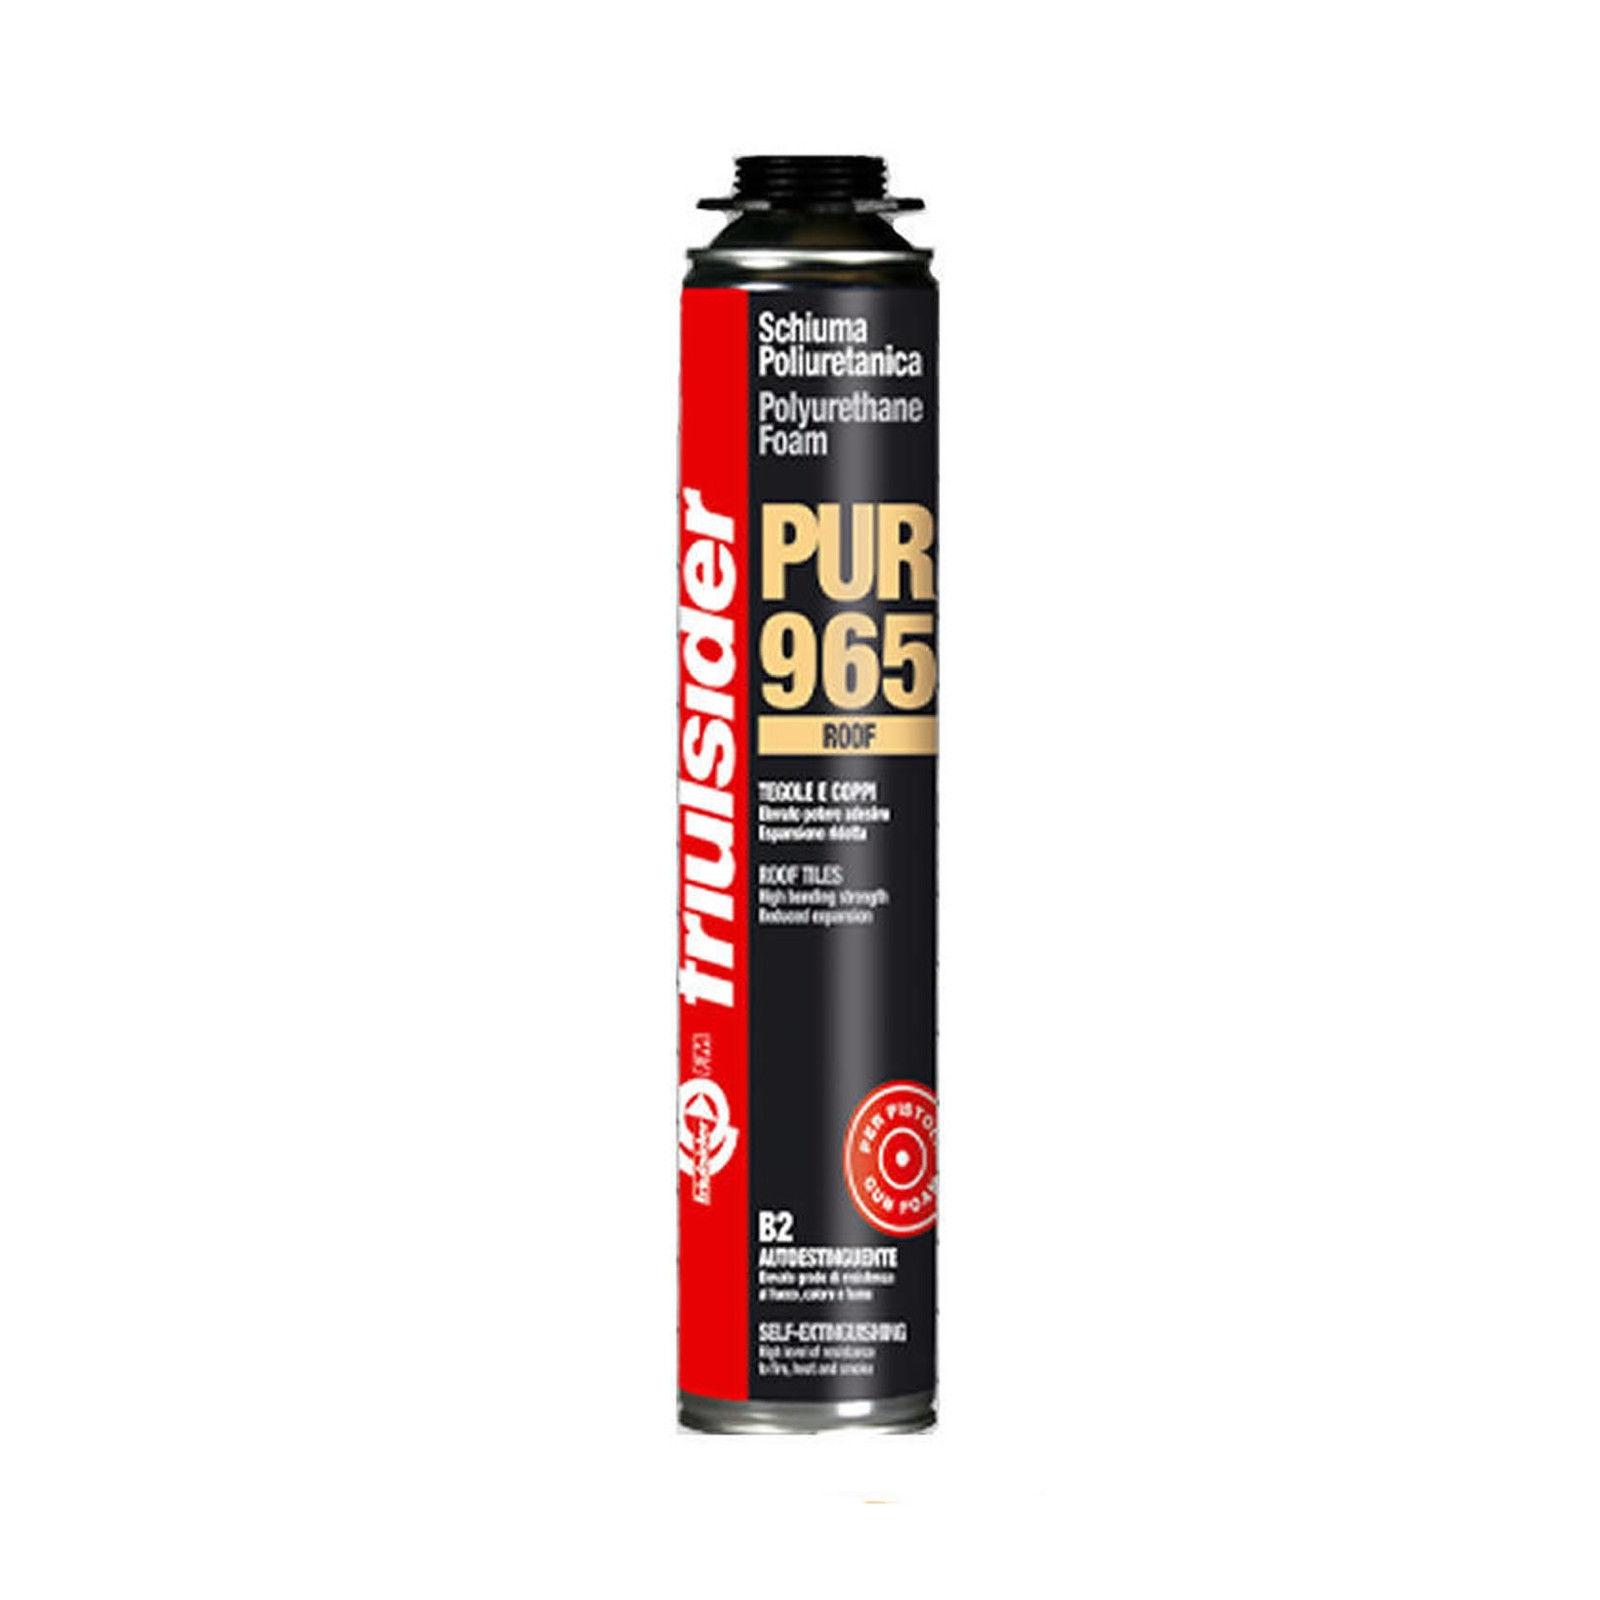 Friulsider schiuma poliuretanica professionale pur 965 per tetti e coppi erogazione con pistola